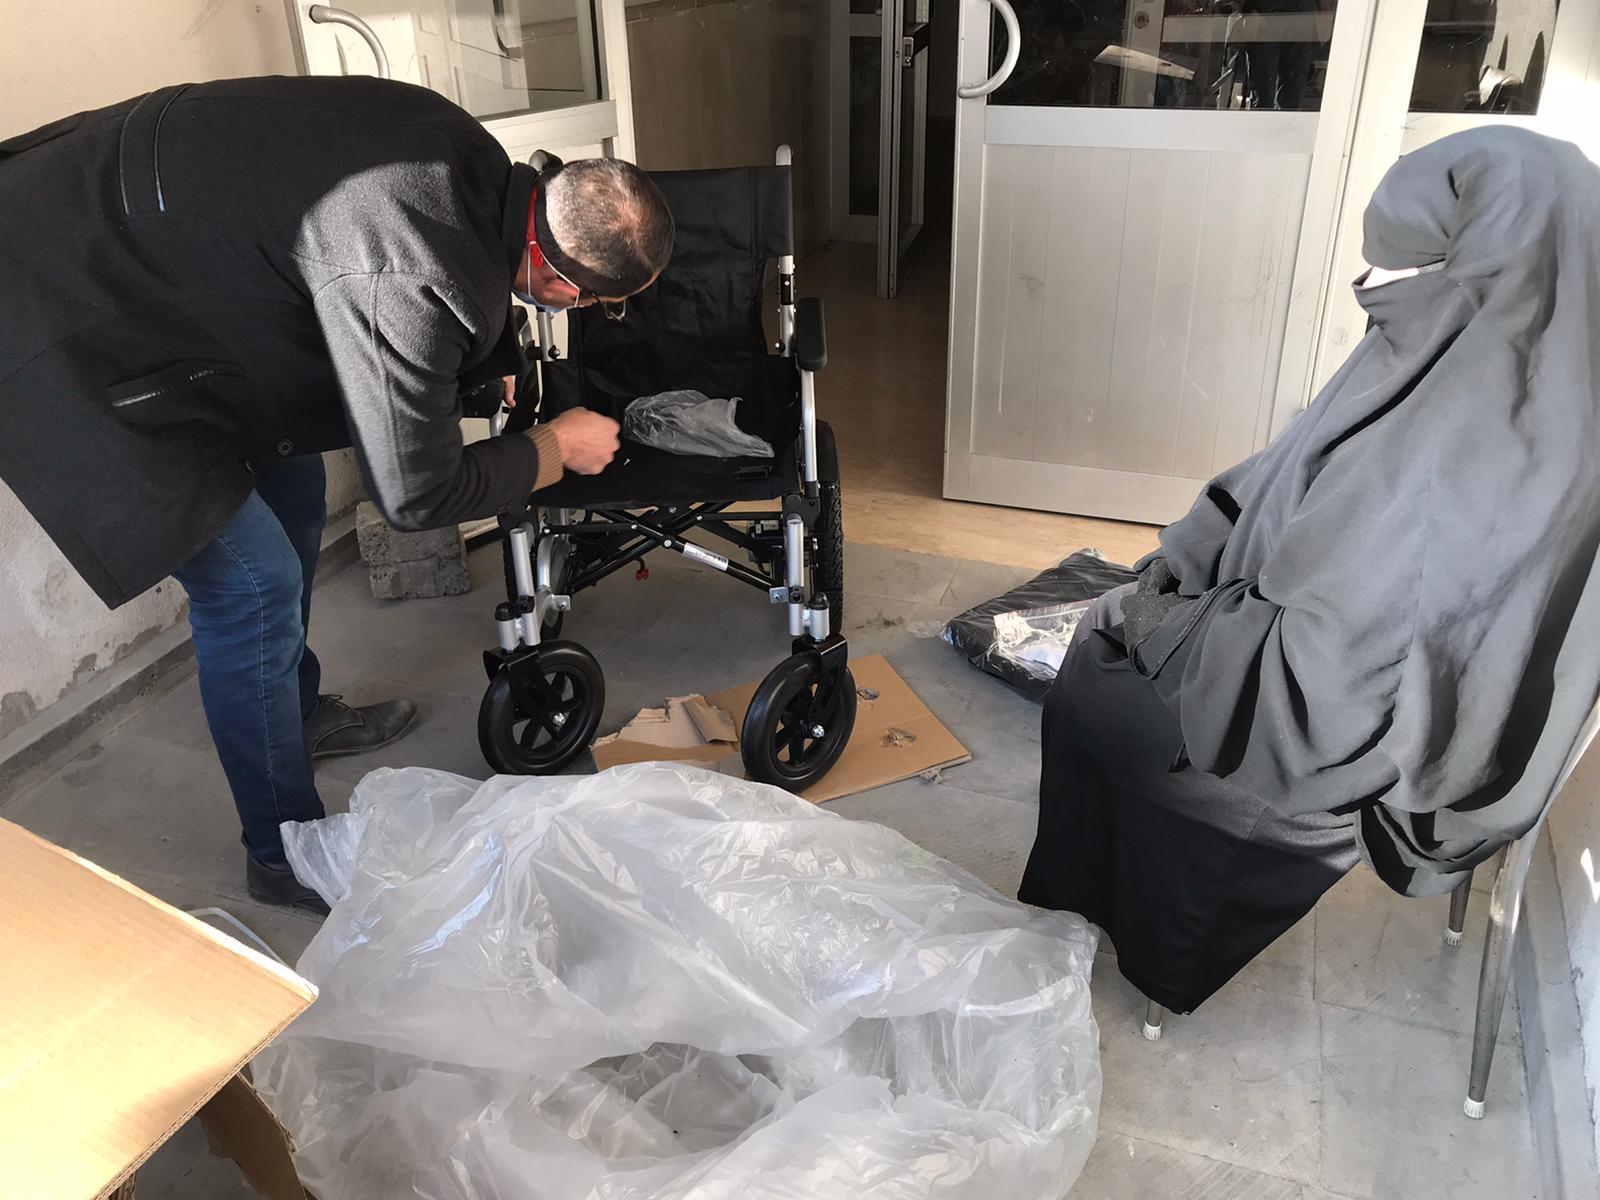 Cam kemik hastası kadın, hayalini kurduğu akülü sandalyesine kavuştu